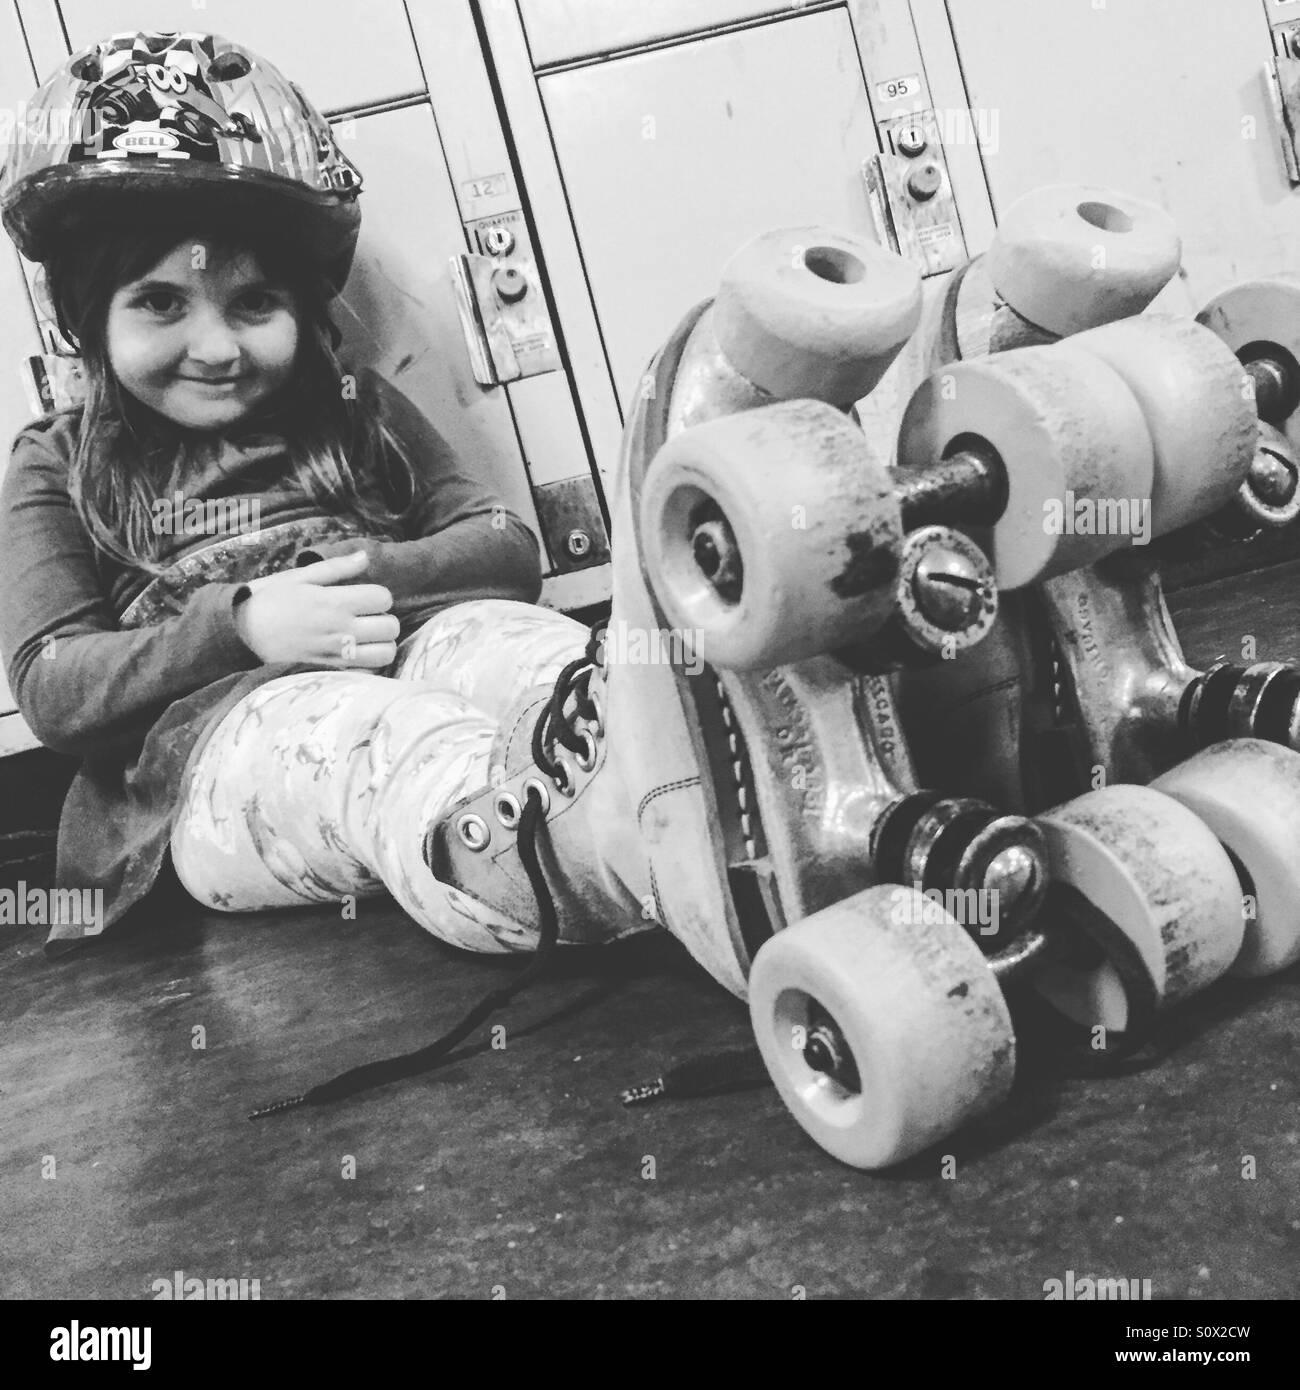 Aerial portant des patins à roulettes. Photo Stock